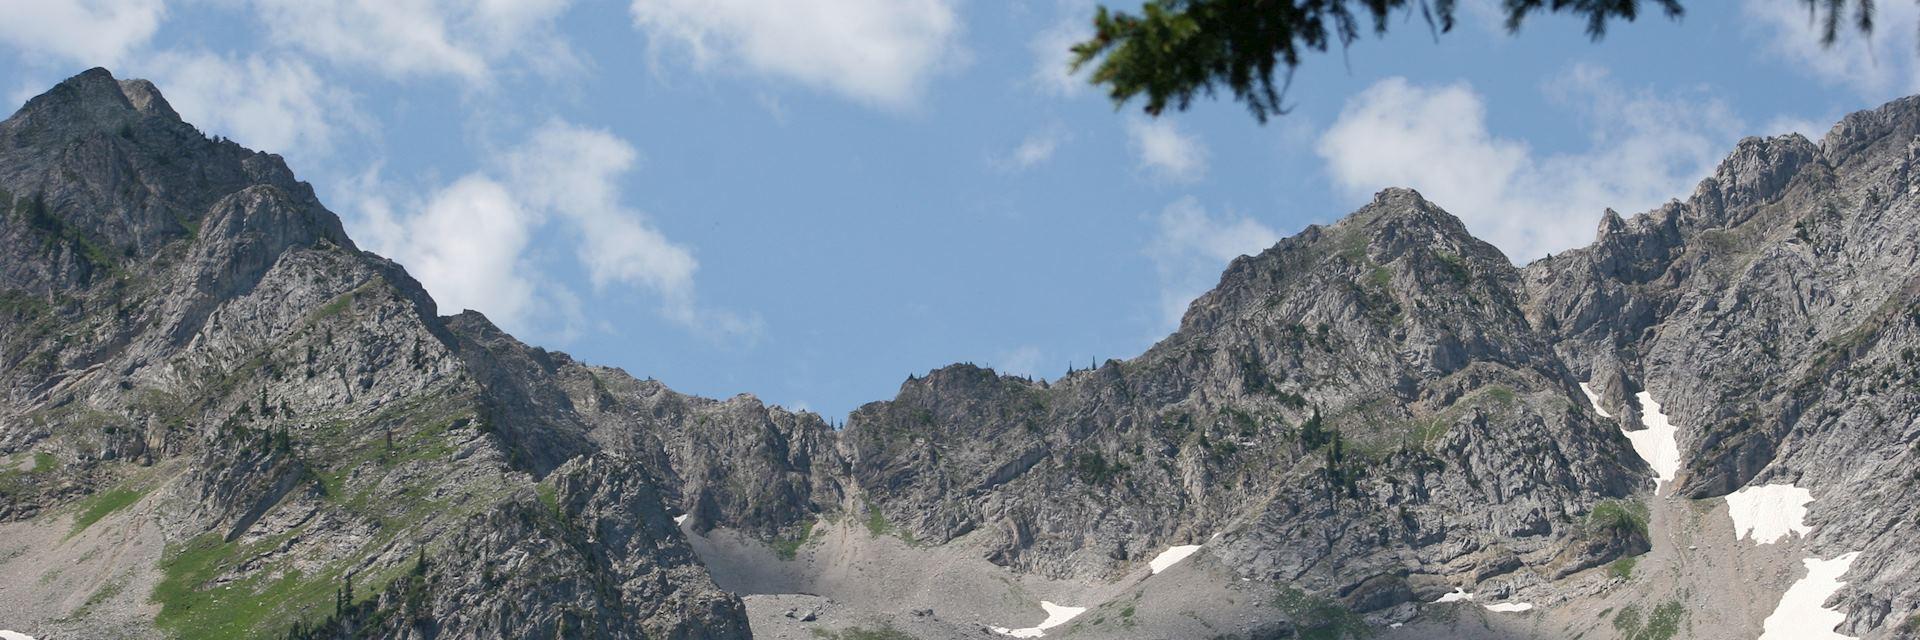 Rocky Mountains, Fernie